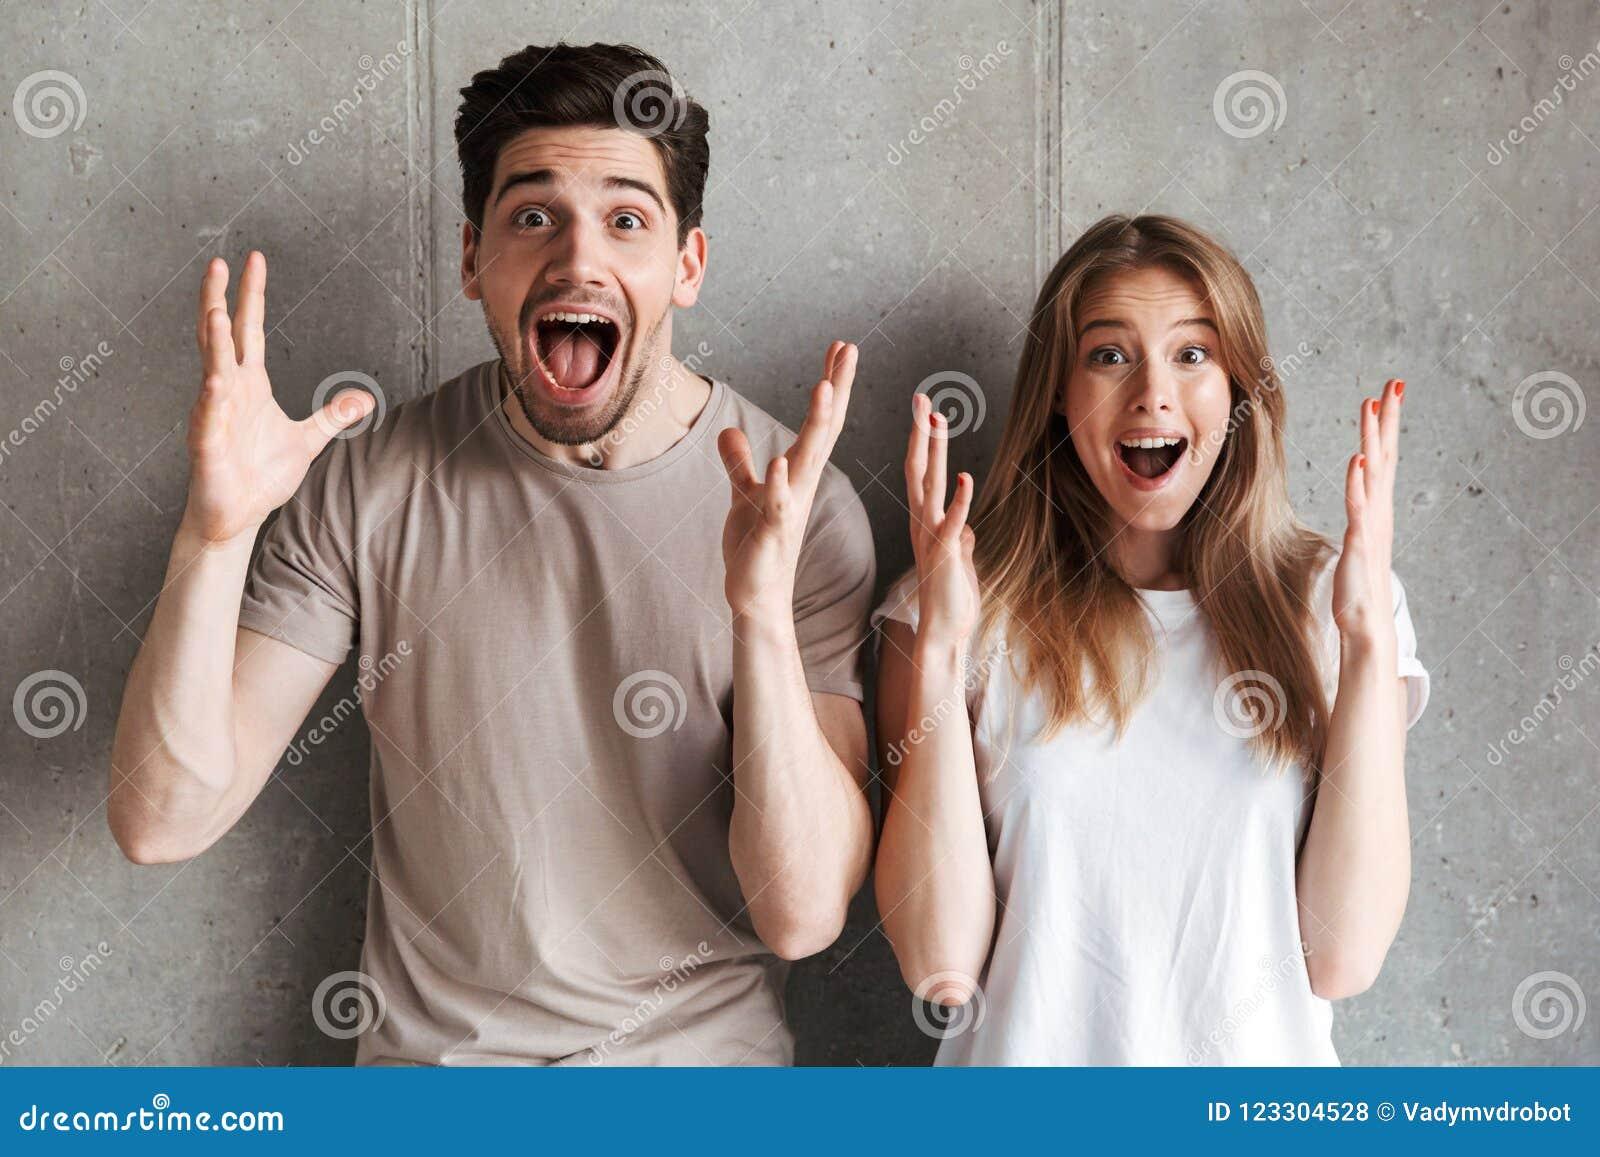 Portret van de opgewekte mensenmens en vrouw in basiskledingsschreeuw